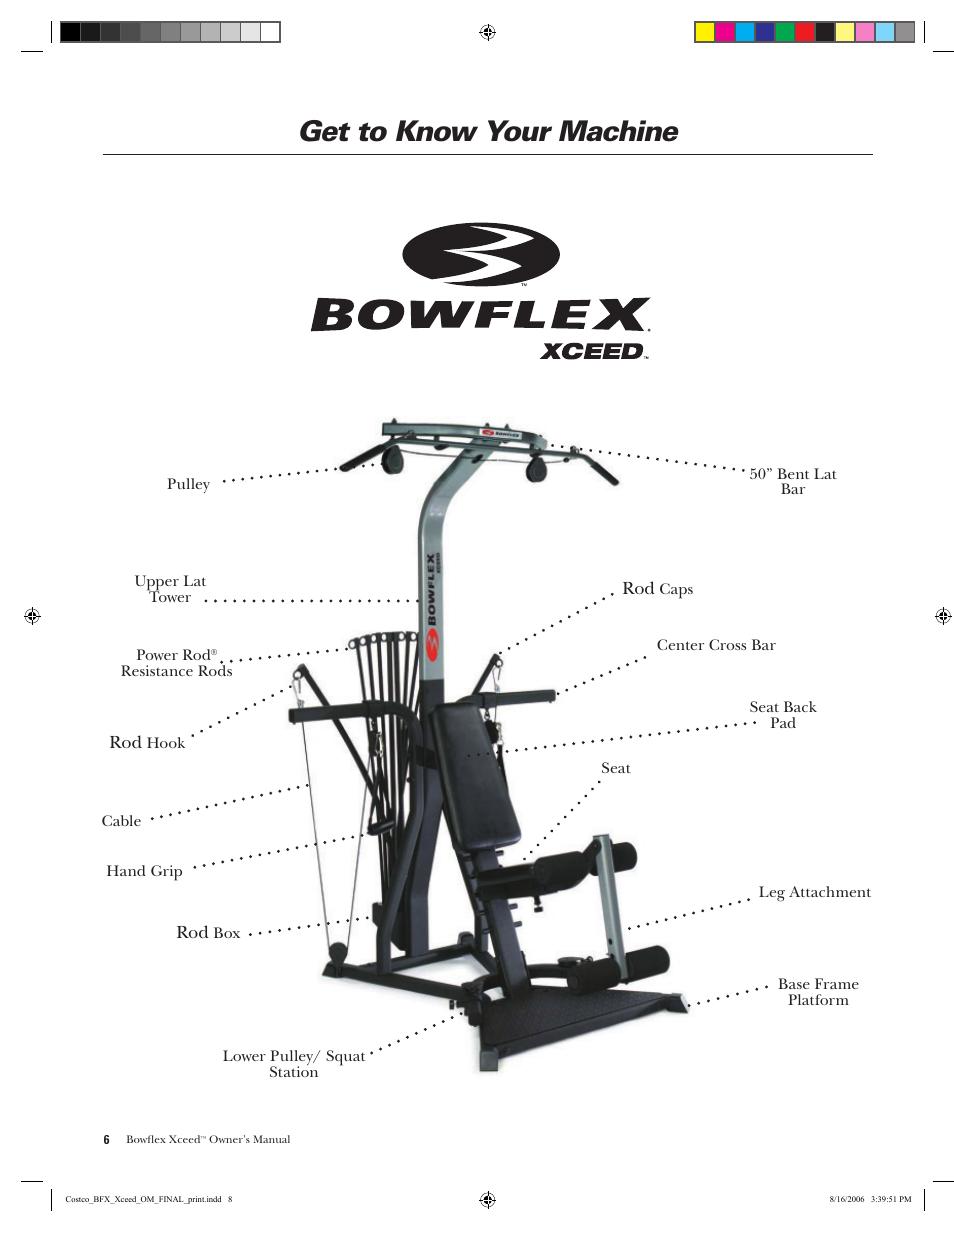 get to know your machine bowflex xceed user manual page 8 84 rh manualsdir com Bowflex Xceed Plus Bowflex Xceed Costco